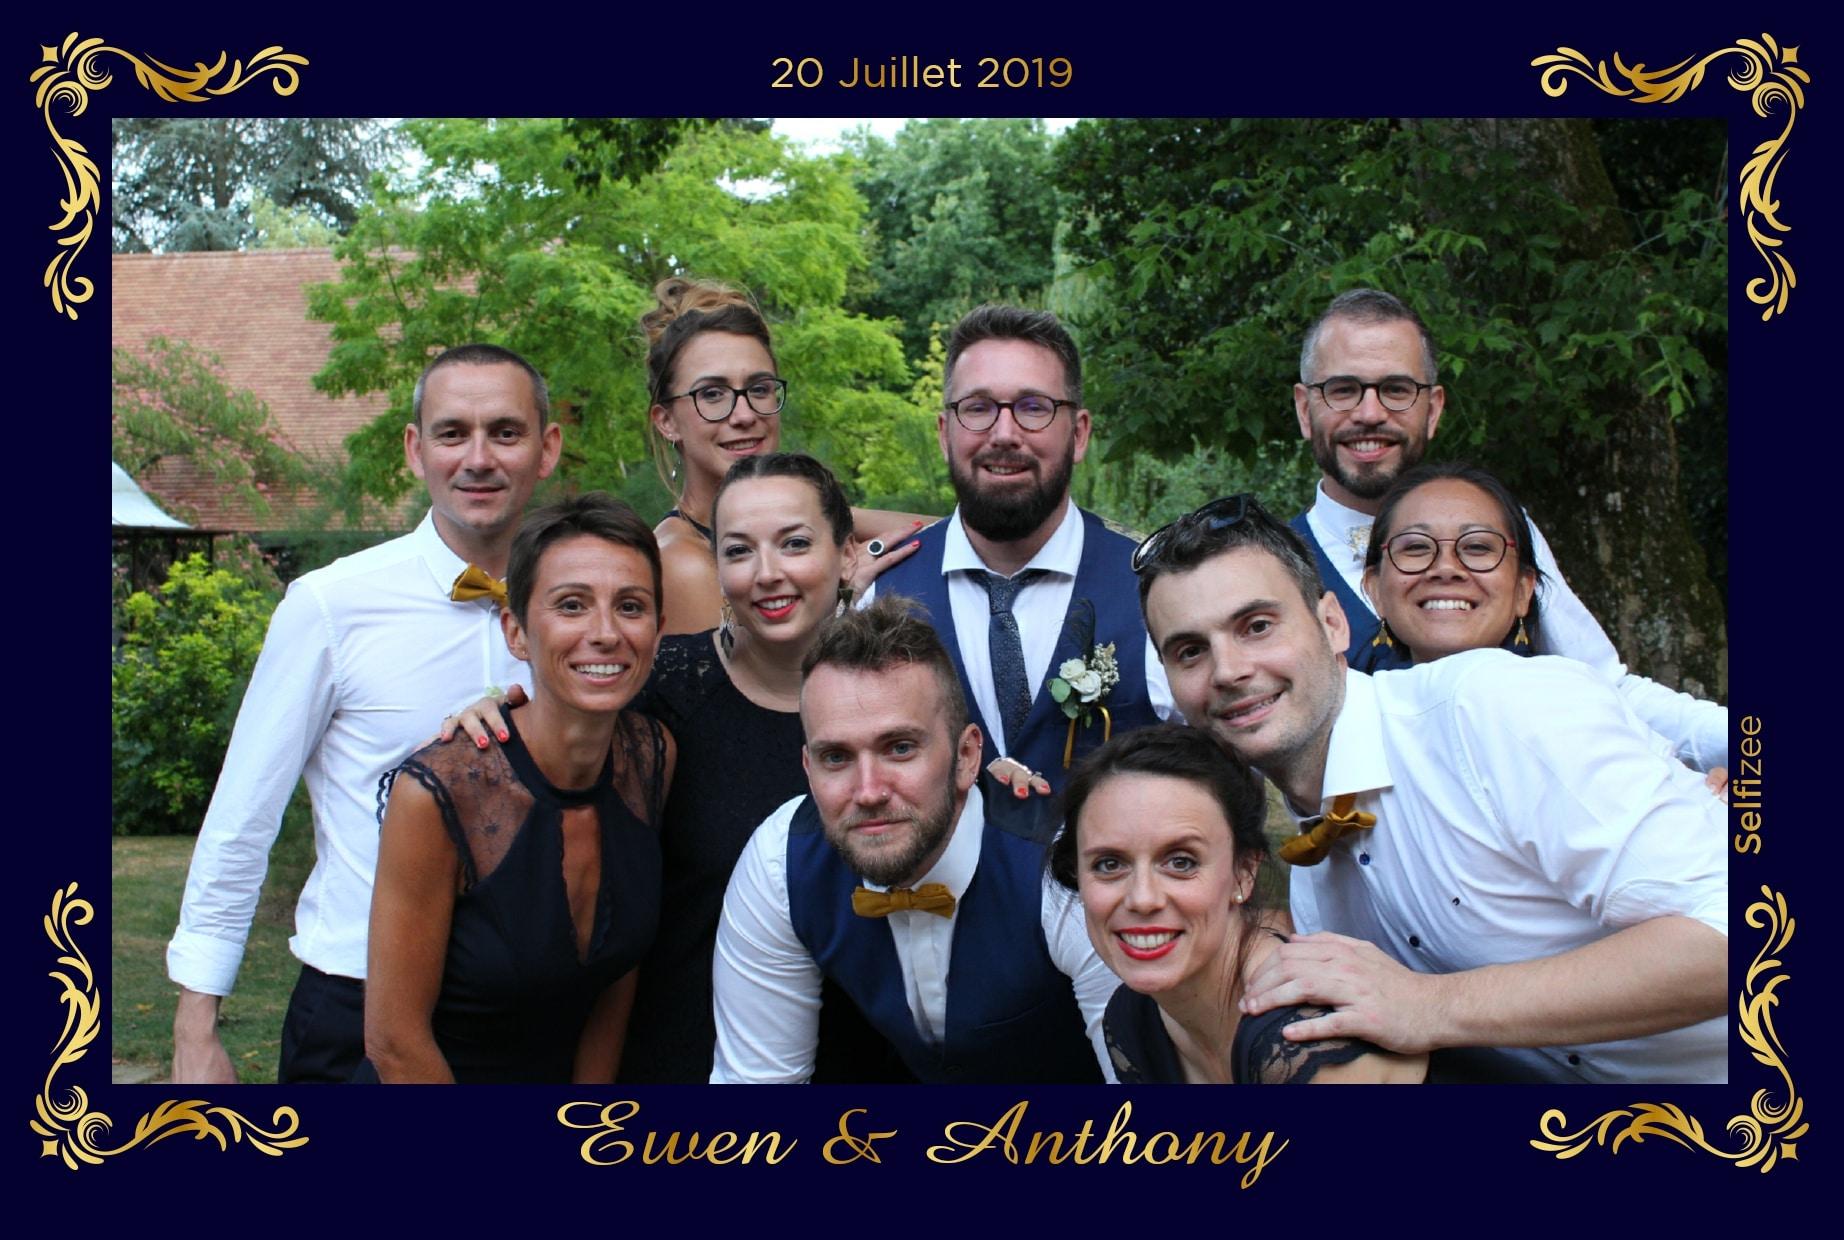 Animation photo mariage Laval - borne selfie à louer Laval / Mayenne mariage, anniversaire, baptême, fête avec impressions photos